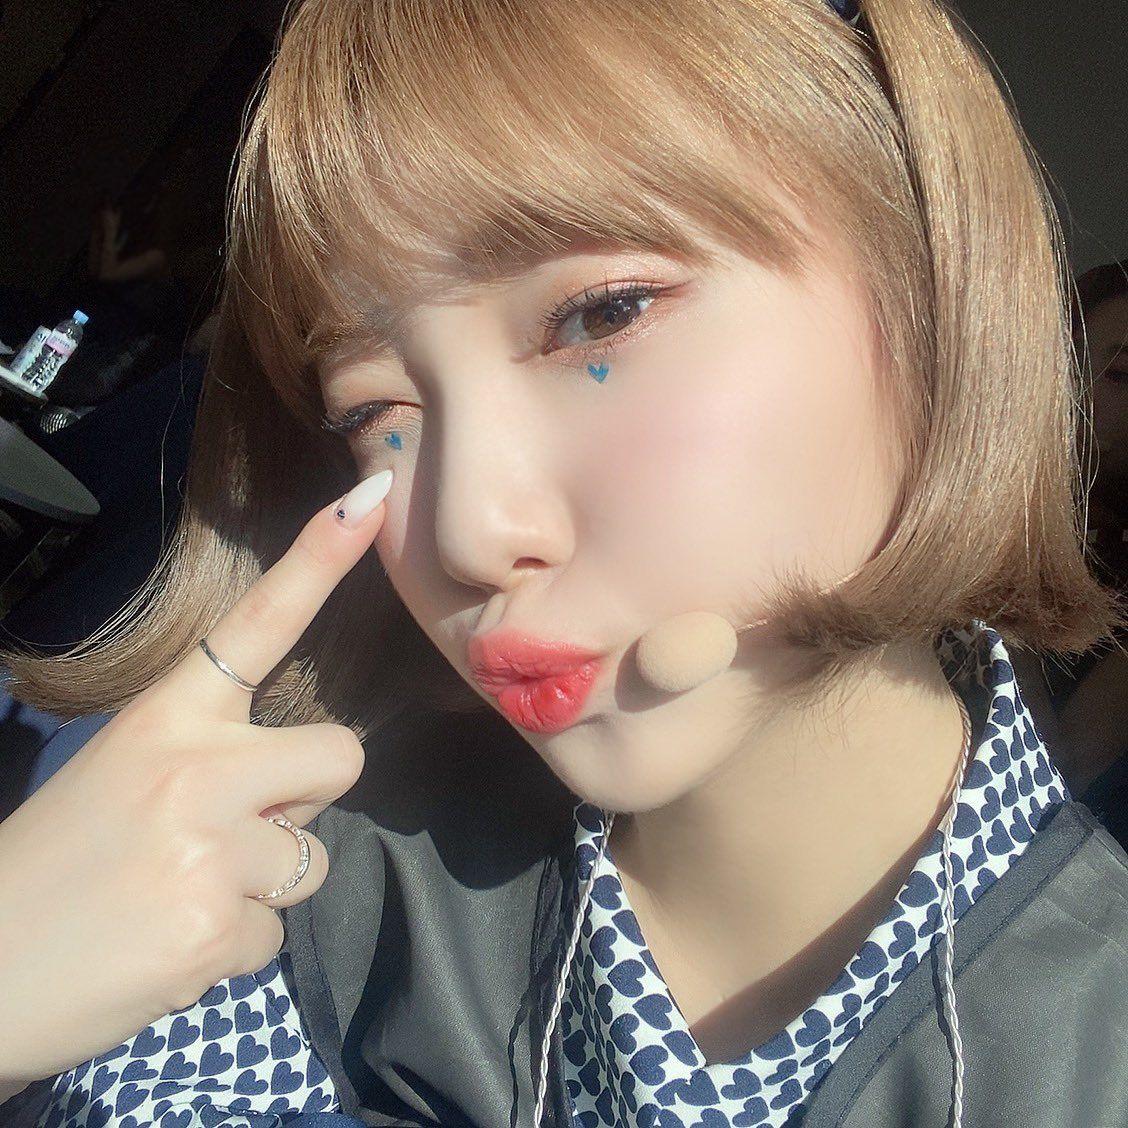 hyejoo's bestie, roa on Twitter